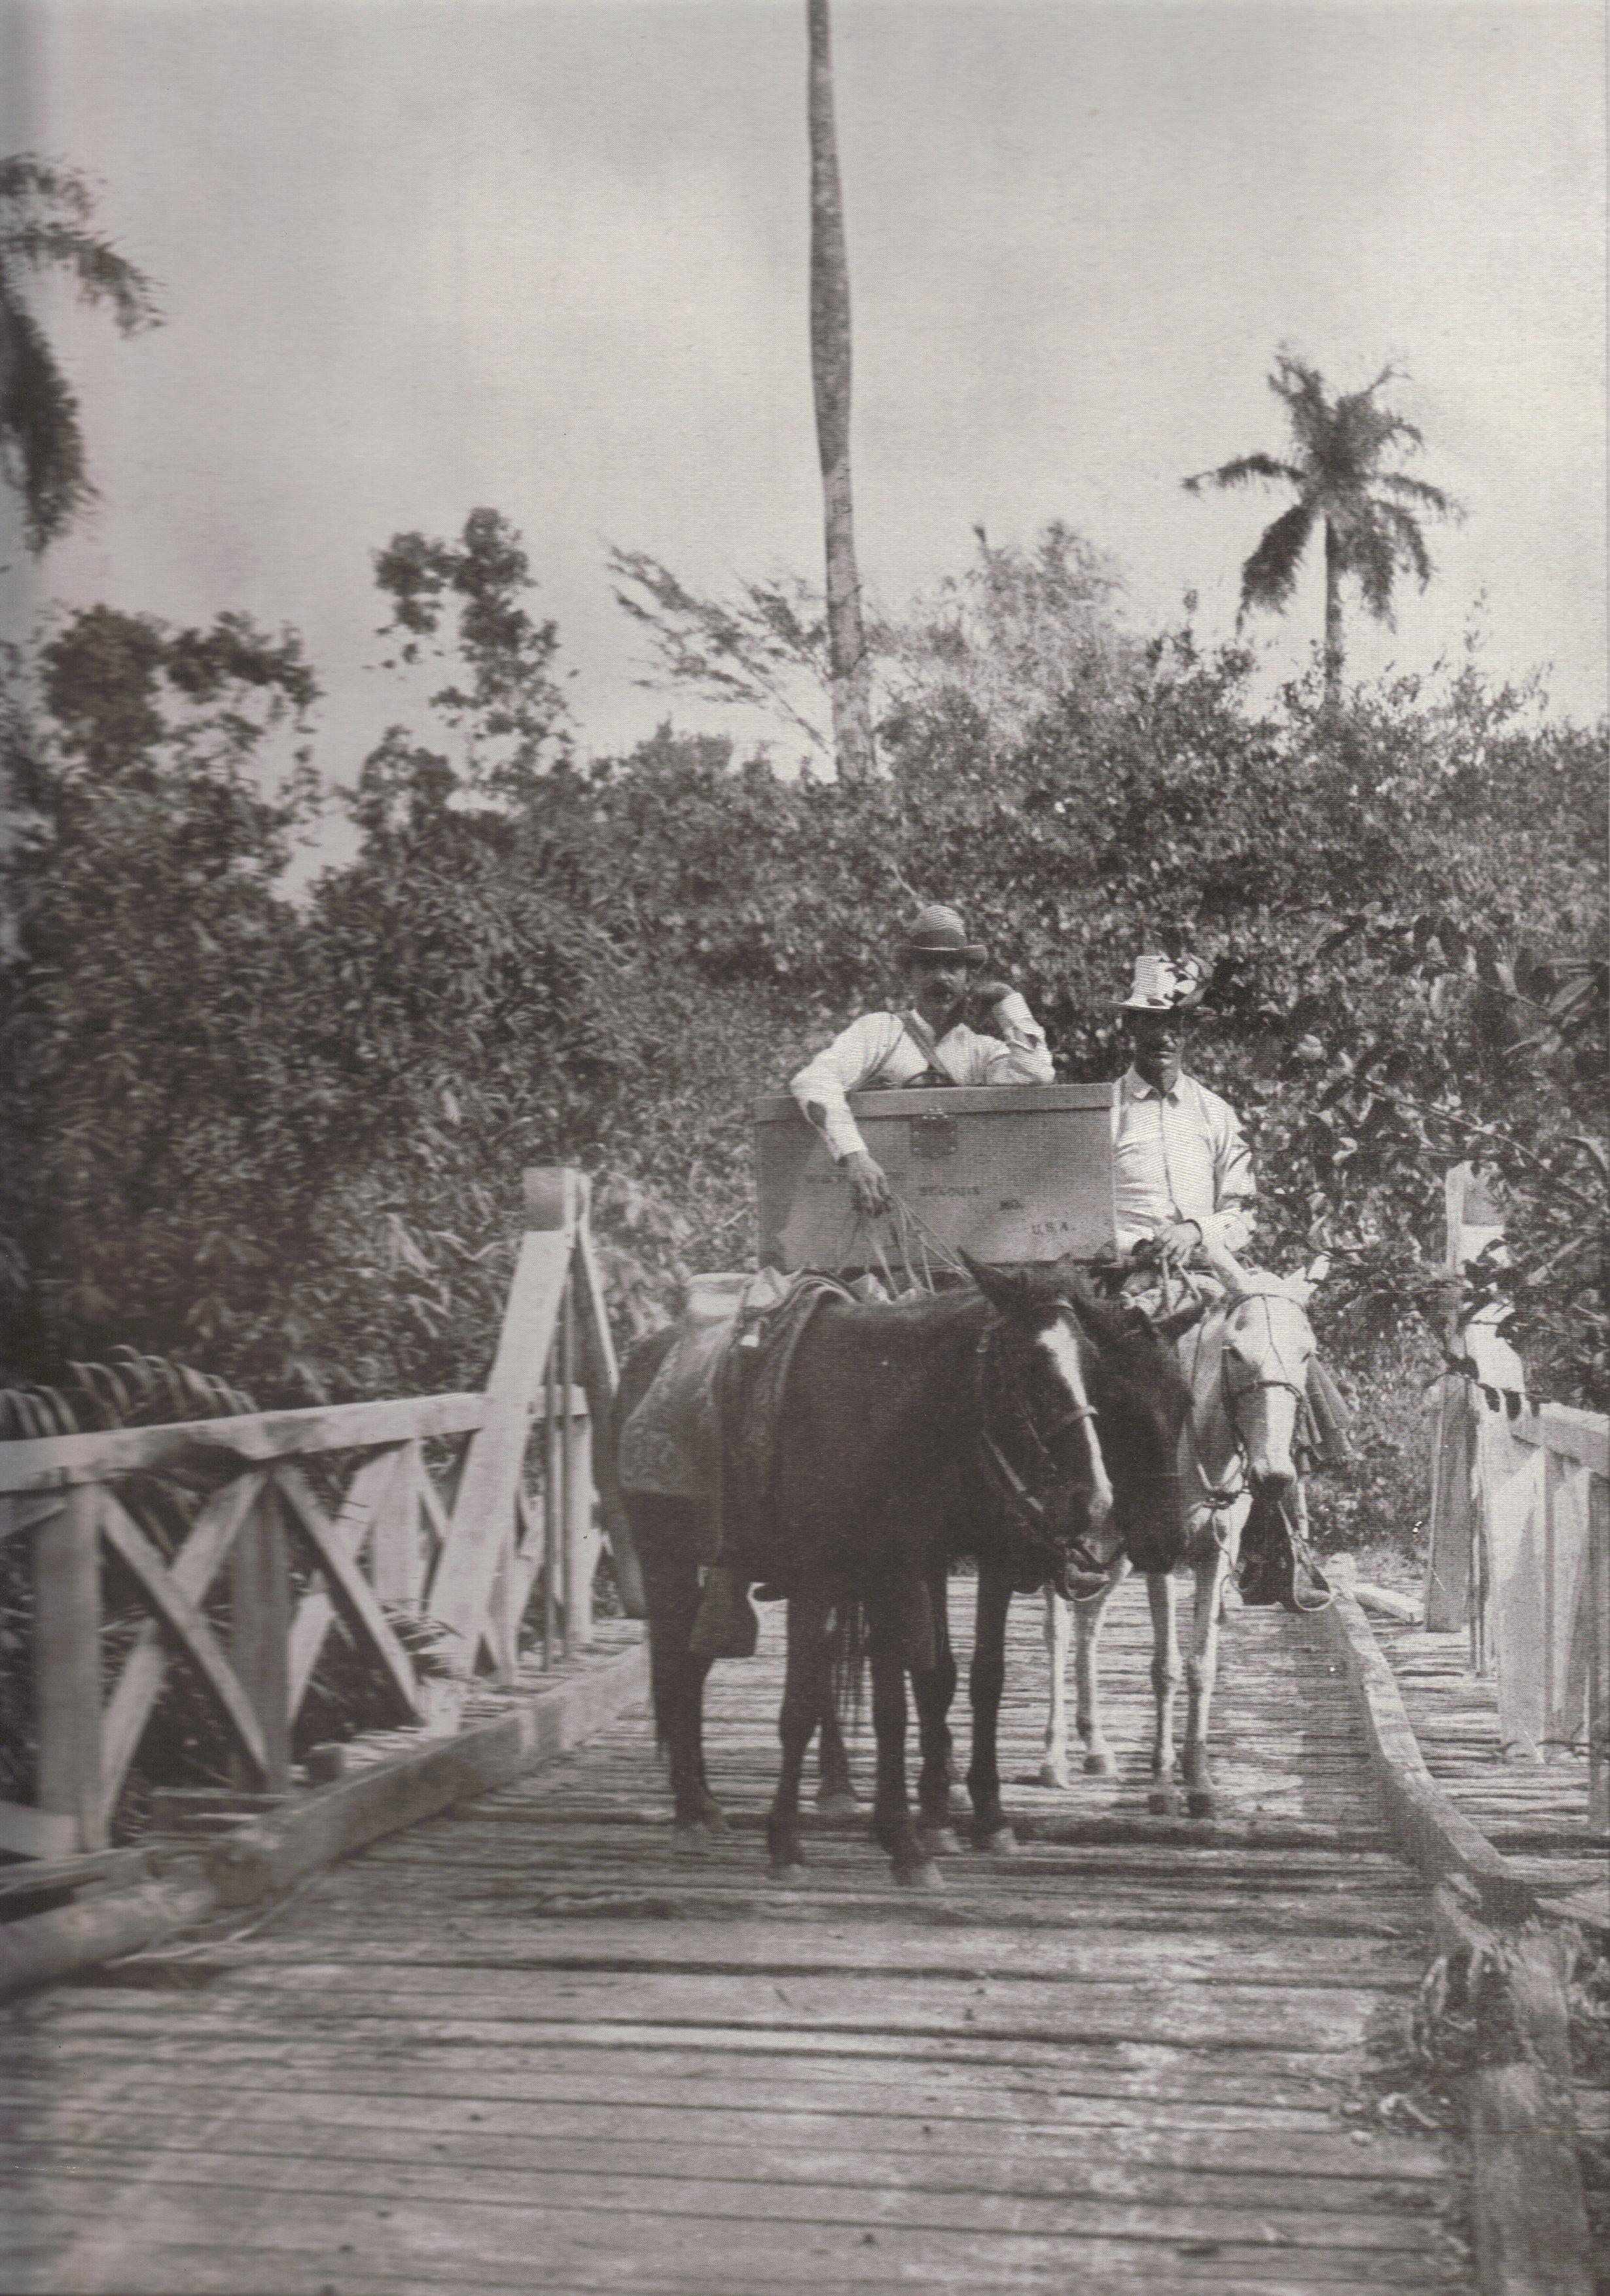 Bridge Across the Santa Fe River, Cuba (1898)